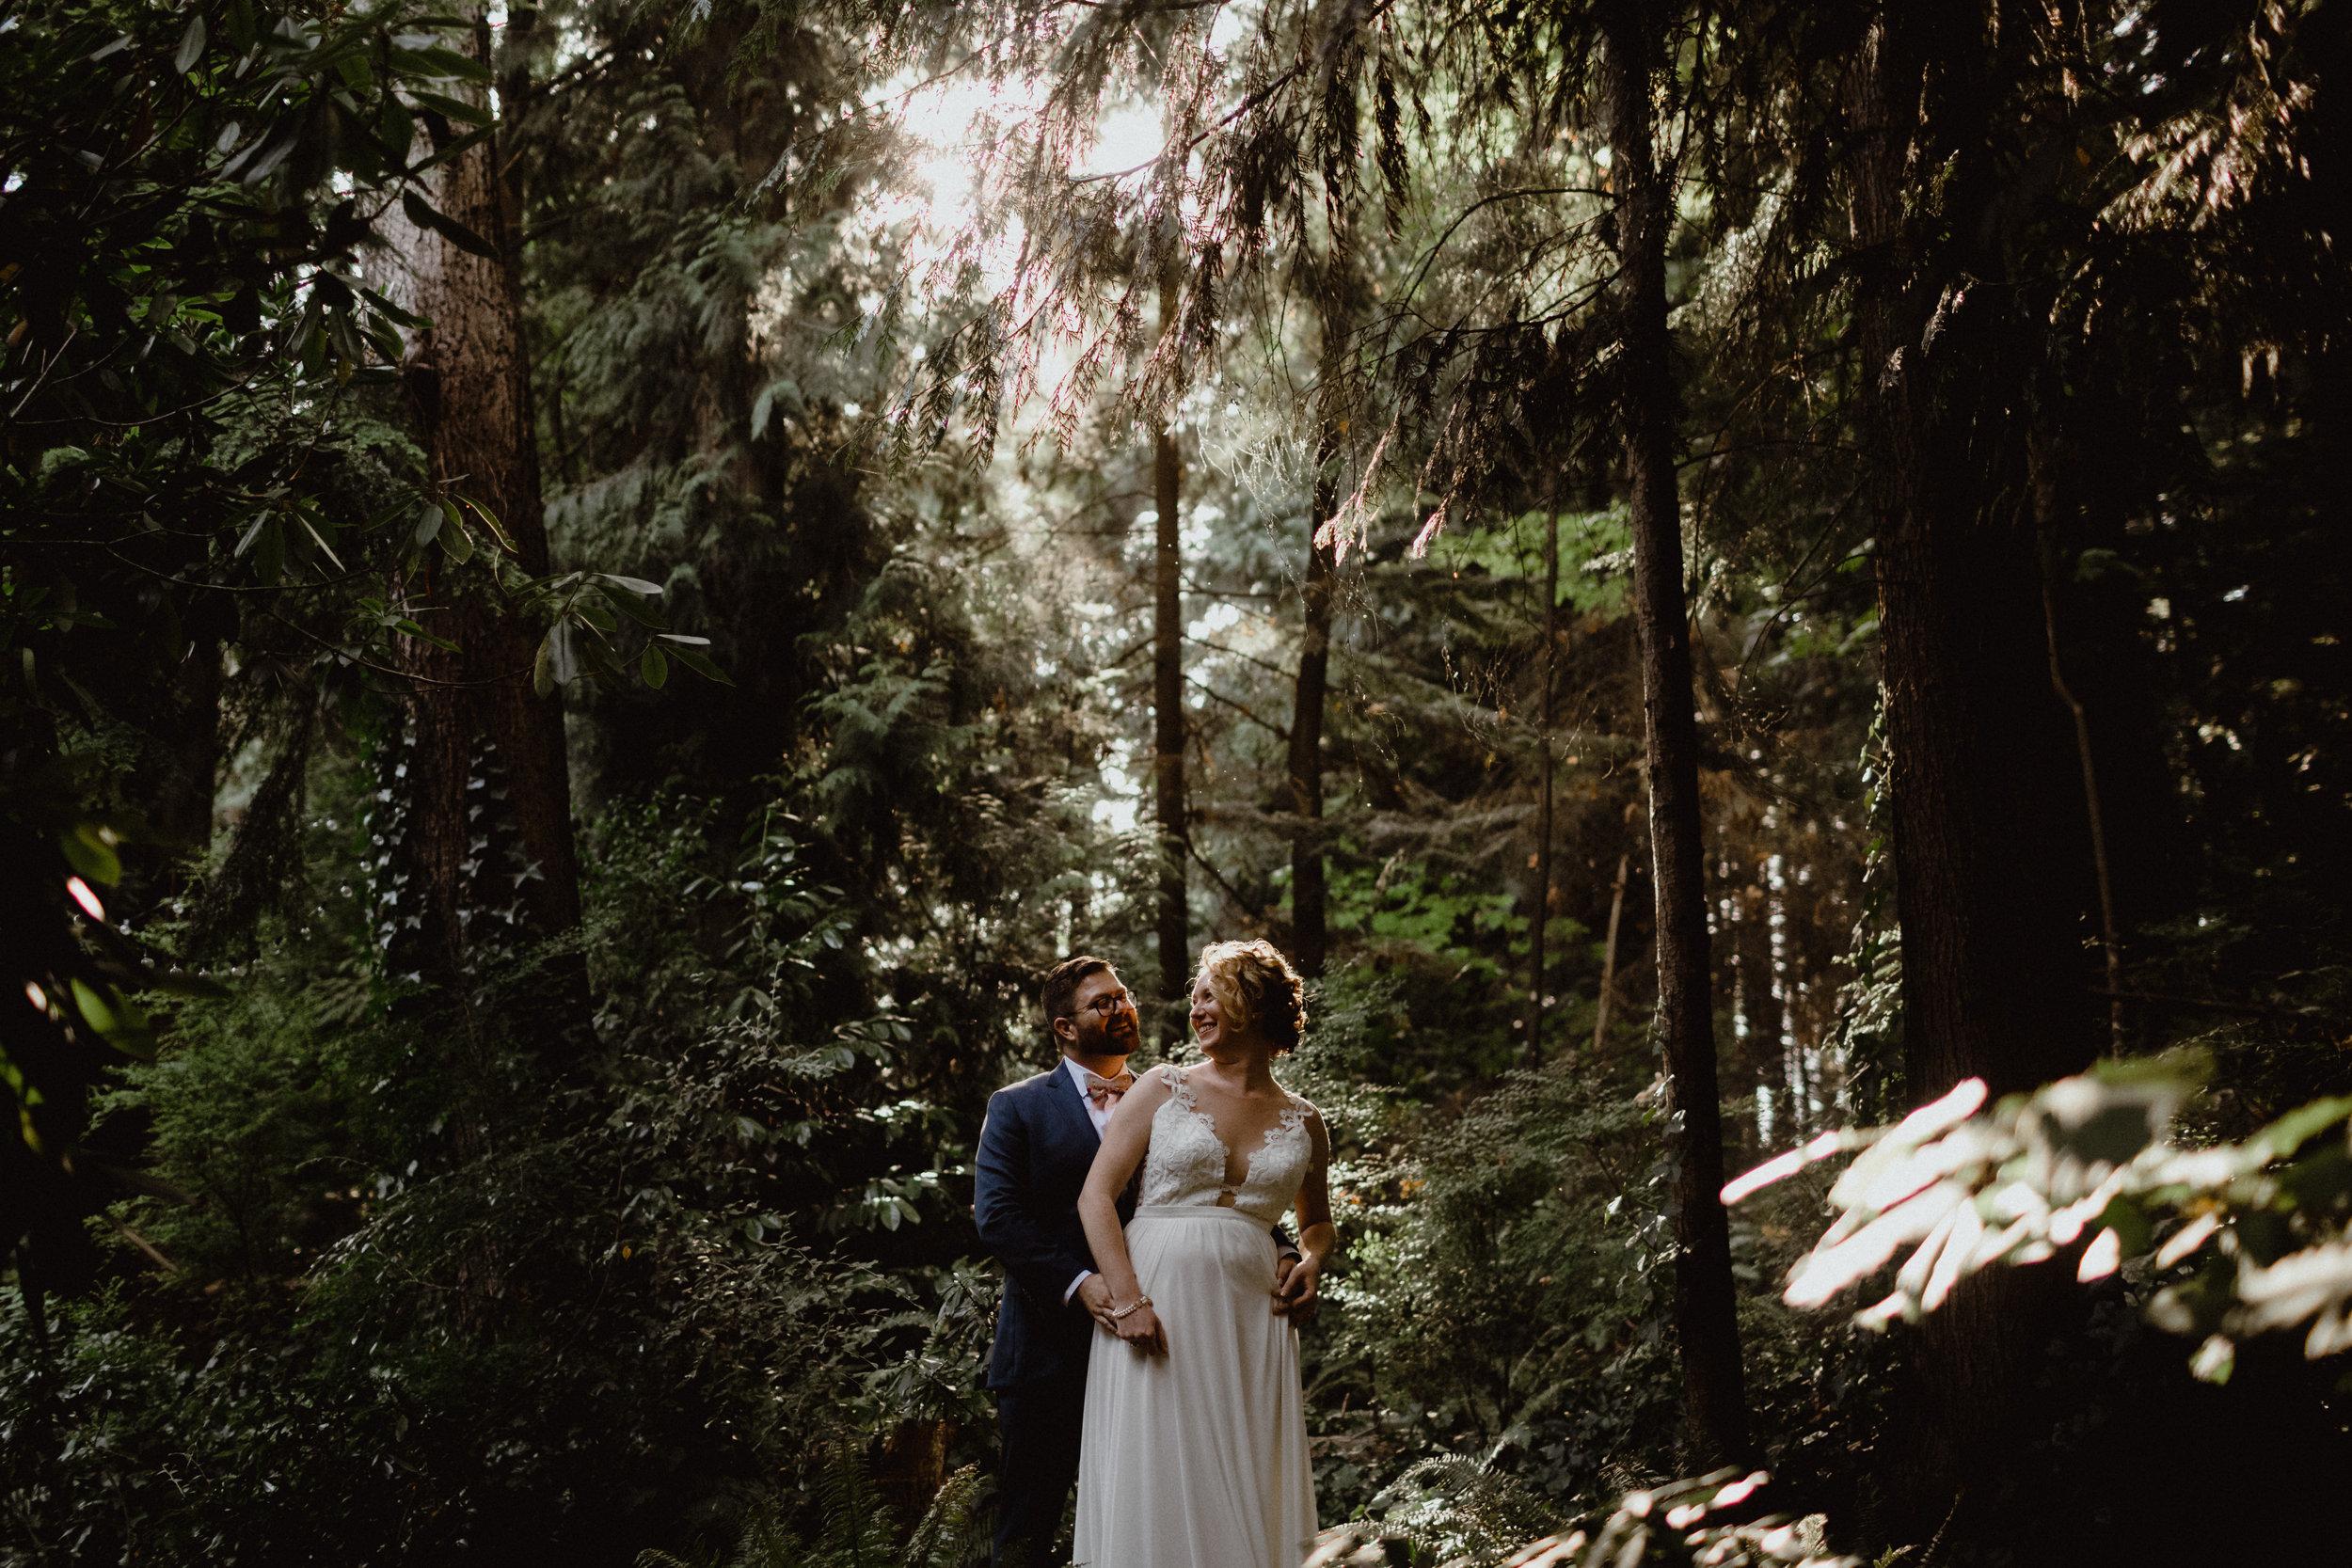 west-vancouver-backyard-wedding-189.jpg